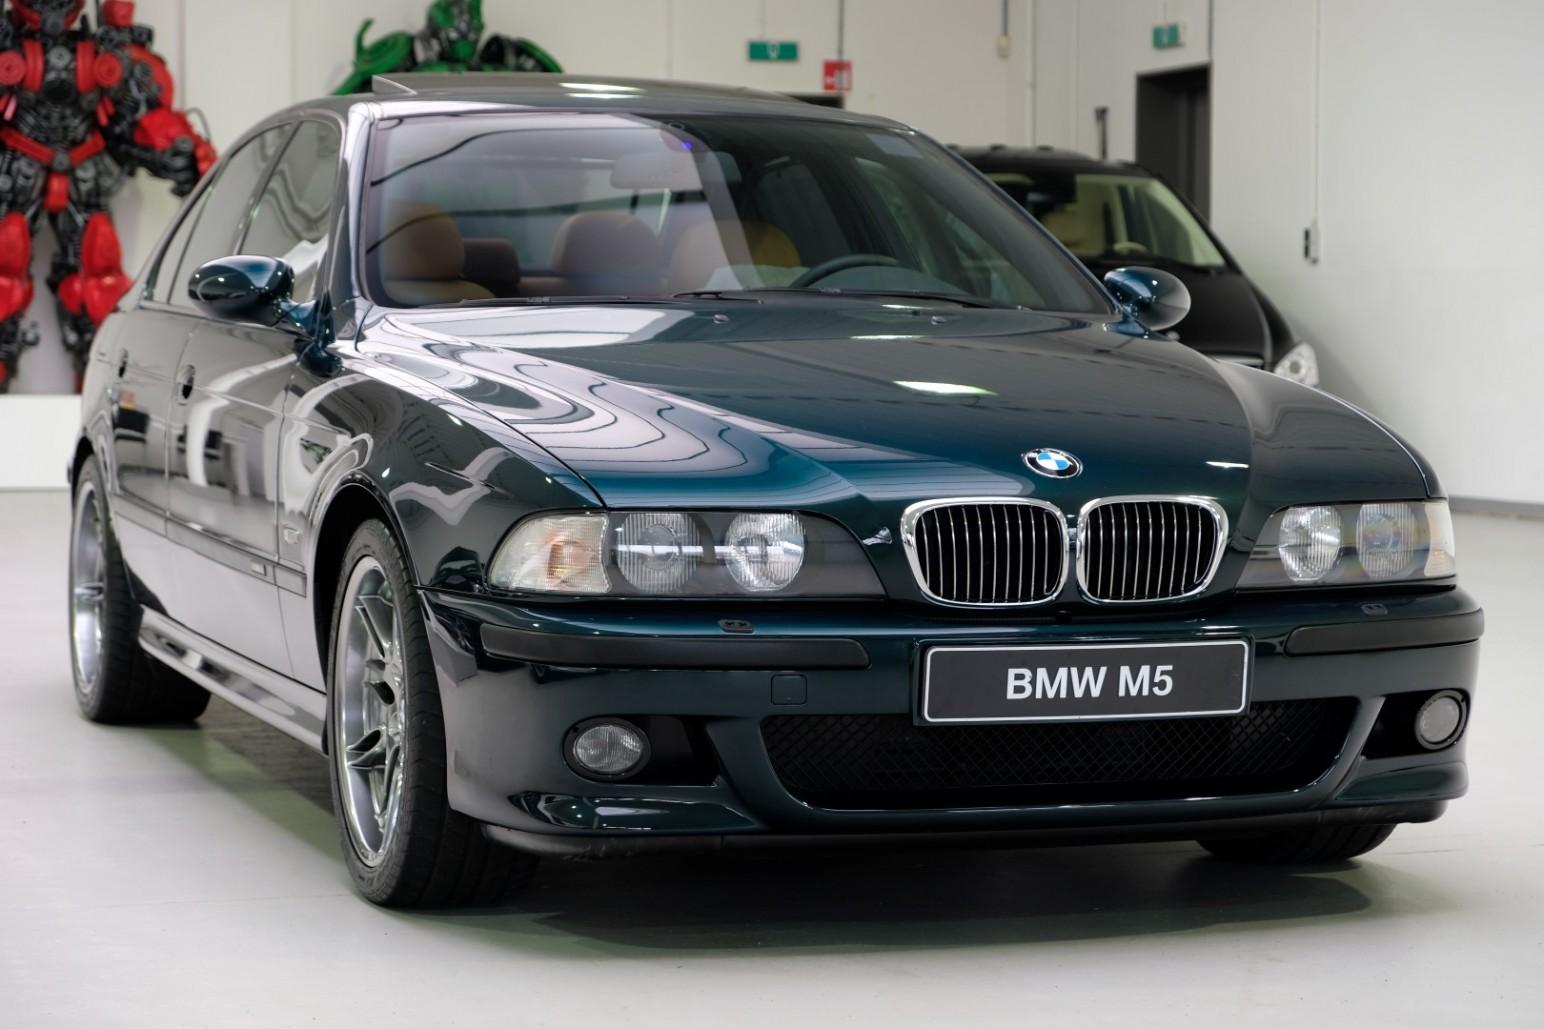 BMW-M5-E39-1999-for-sale-1